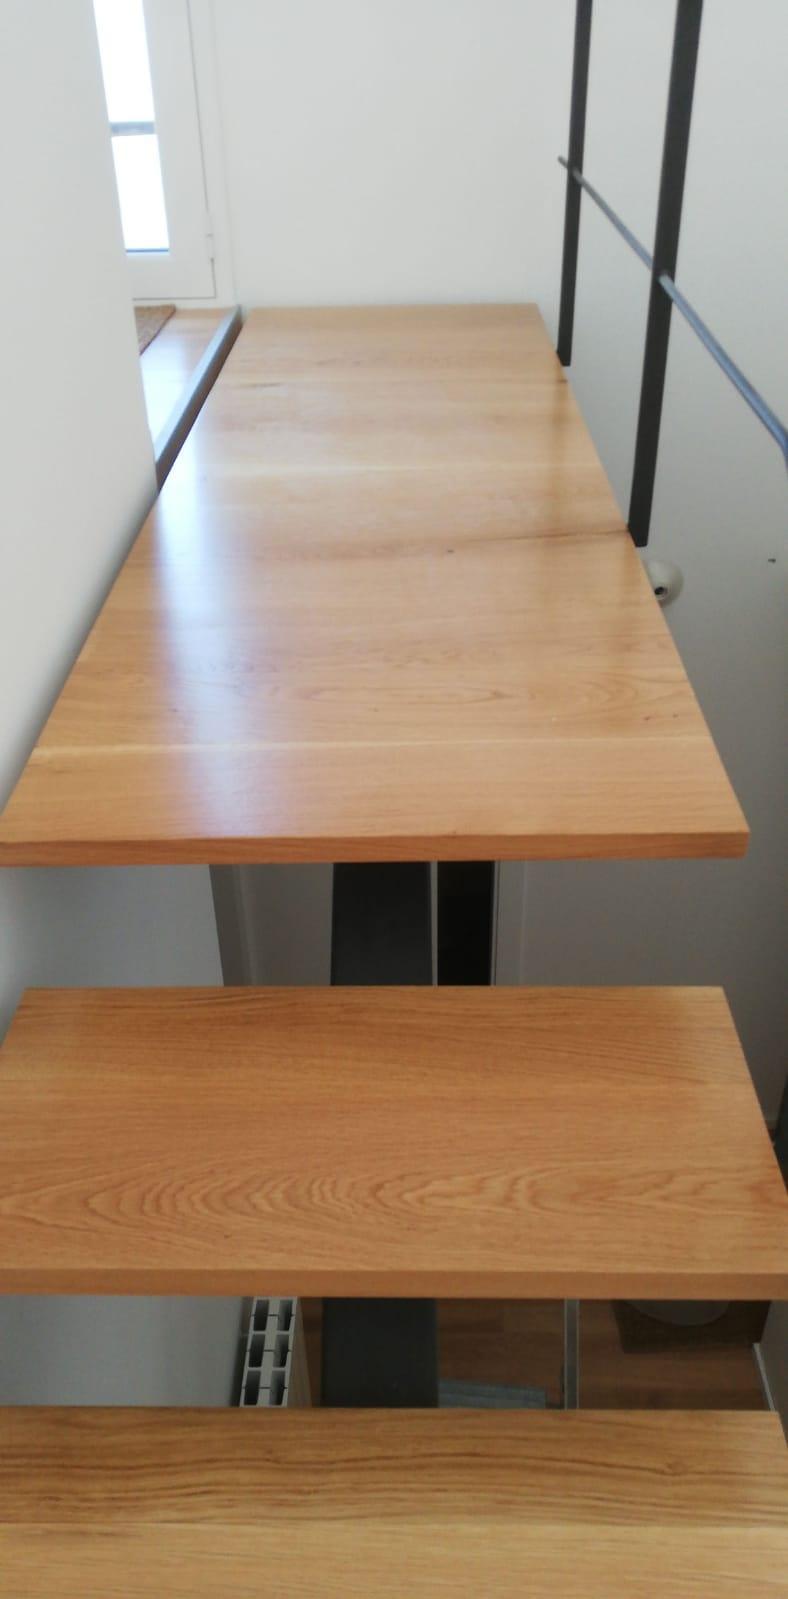 Taglio Solaio Per Scala scale in legno per solai corso legnami srl . - segesta [fraz